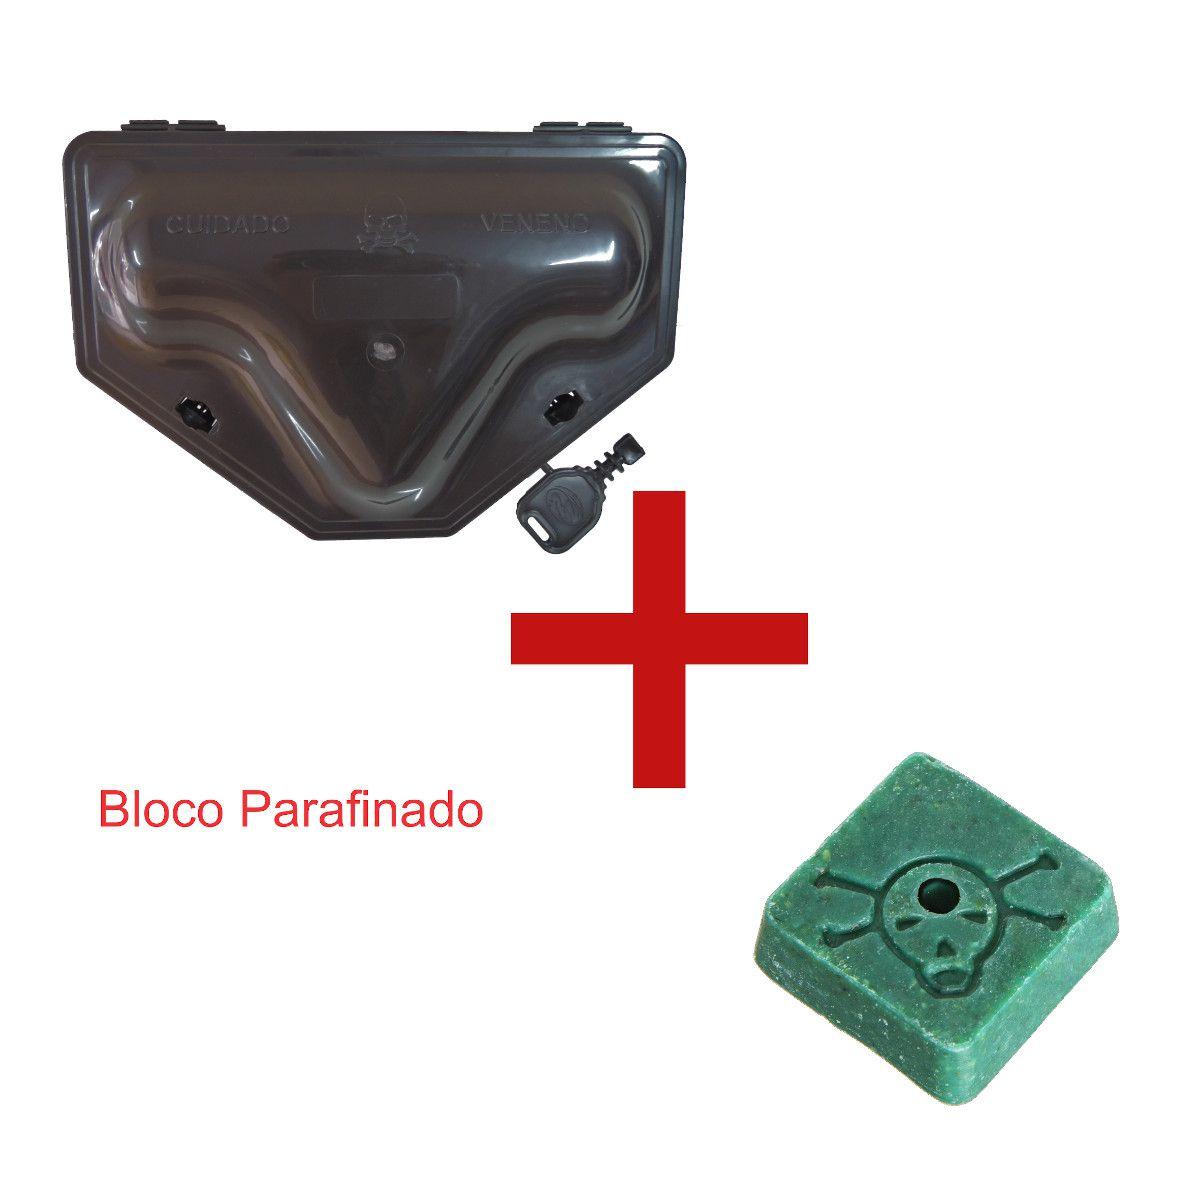 KIT 6 Ratoeira Forte Mata Ratos Porta Iscas 2 TRAVAS e Chave